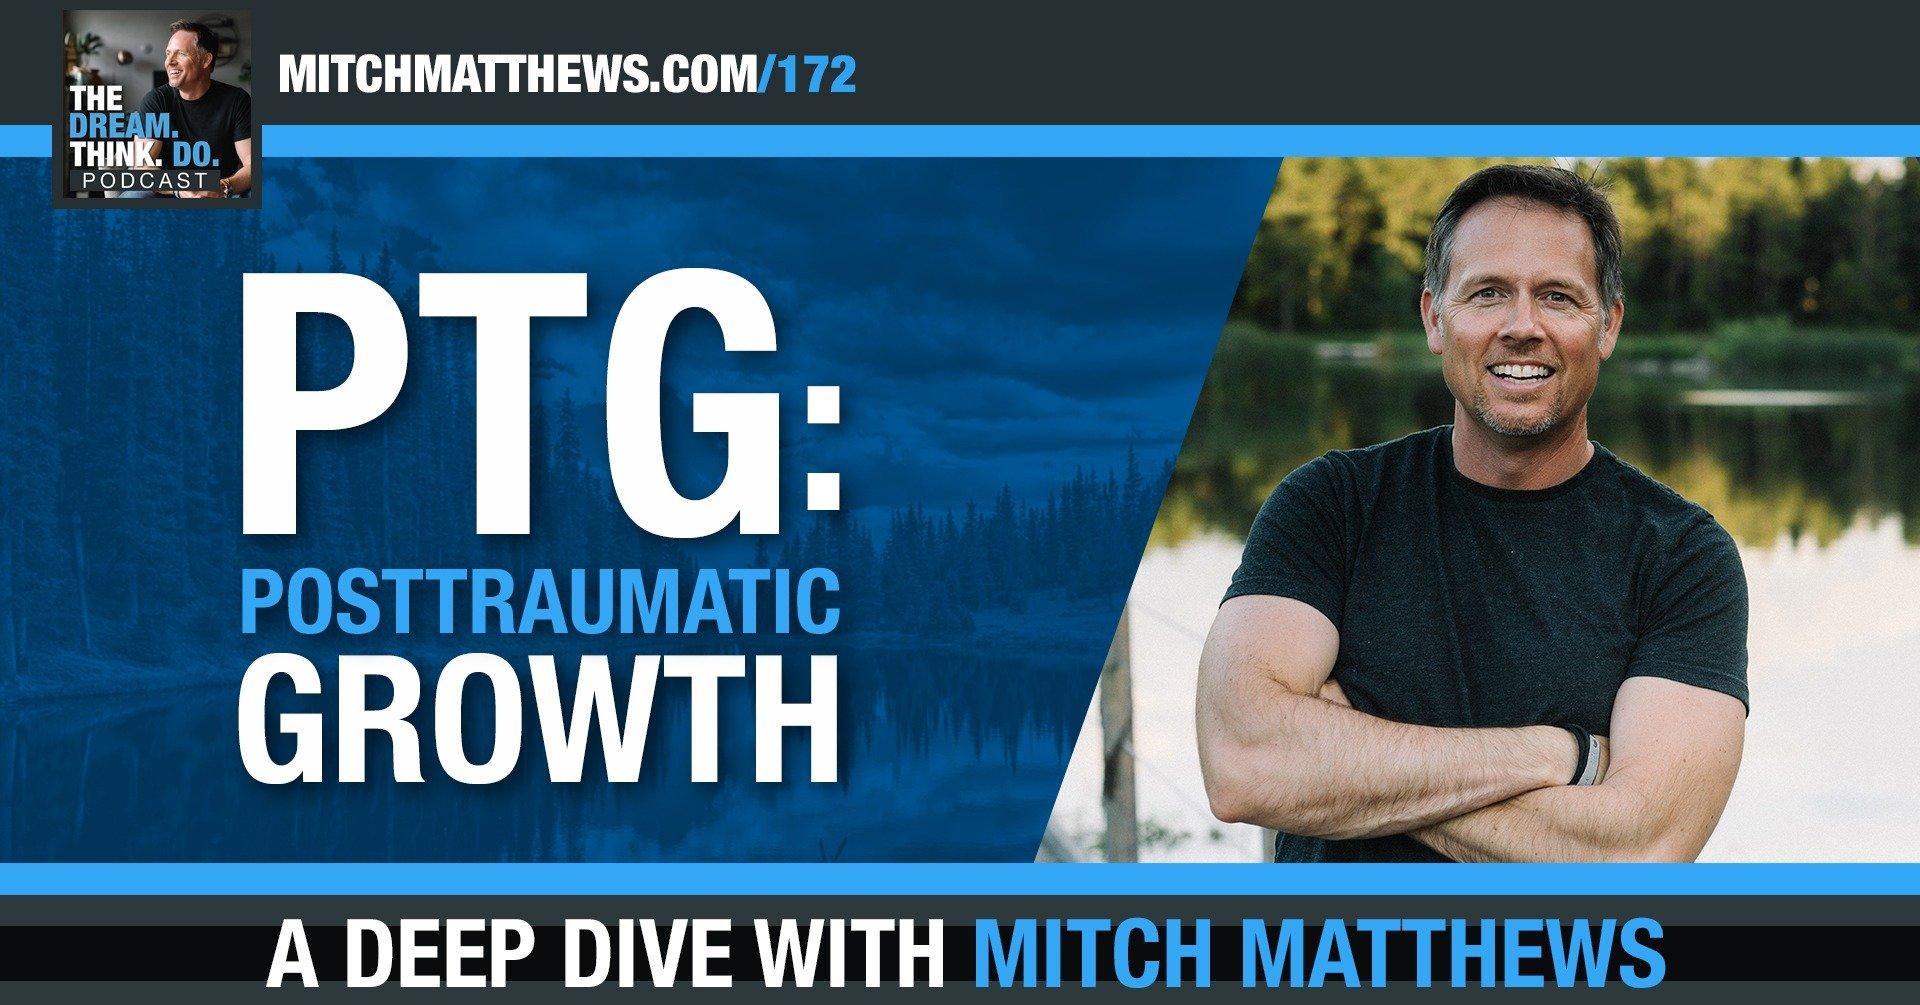 Mitch Matthews PTG: Posttramatic Growth